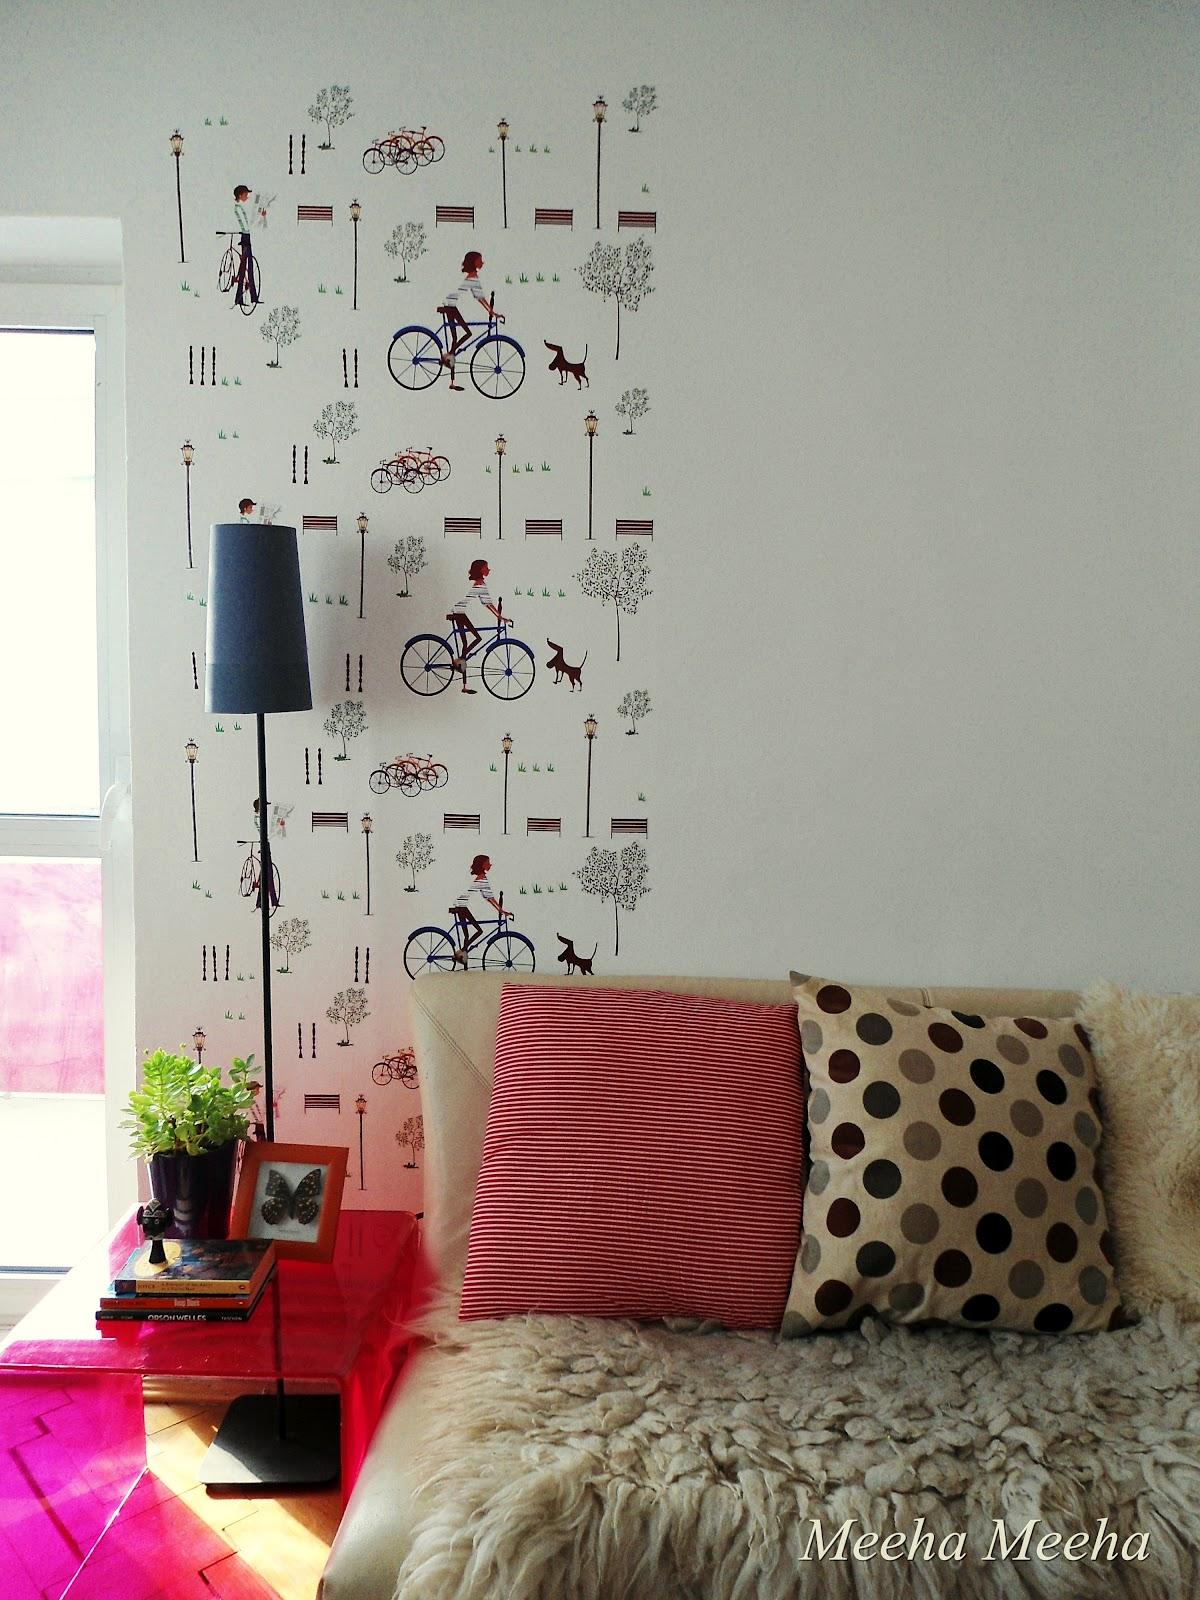 http://4.bp.blogspot.com/-DzIaj-hnhs8/T4FP5oE4euI/AAAAAAAABAo/vOskN7_CE1Q/s1600/faux+wallpaper+14.JPG